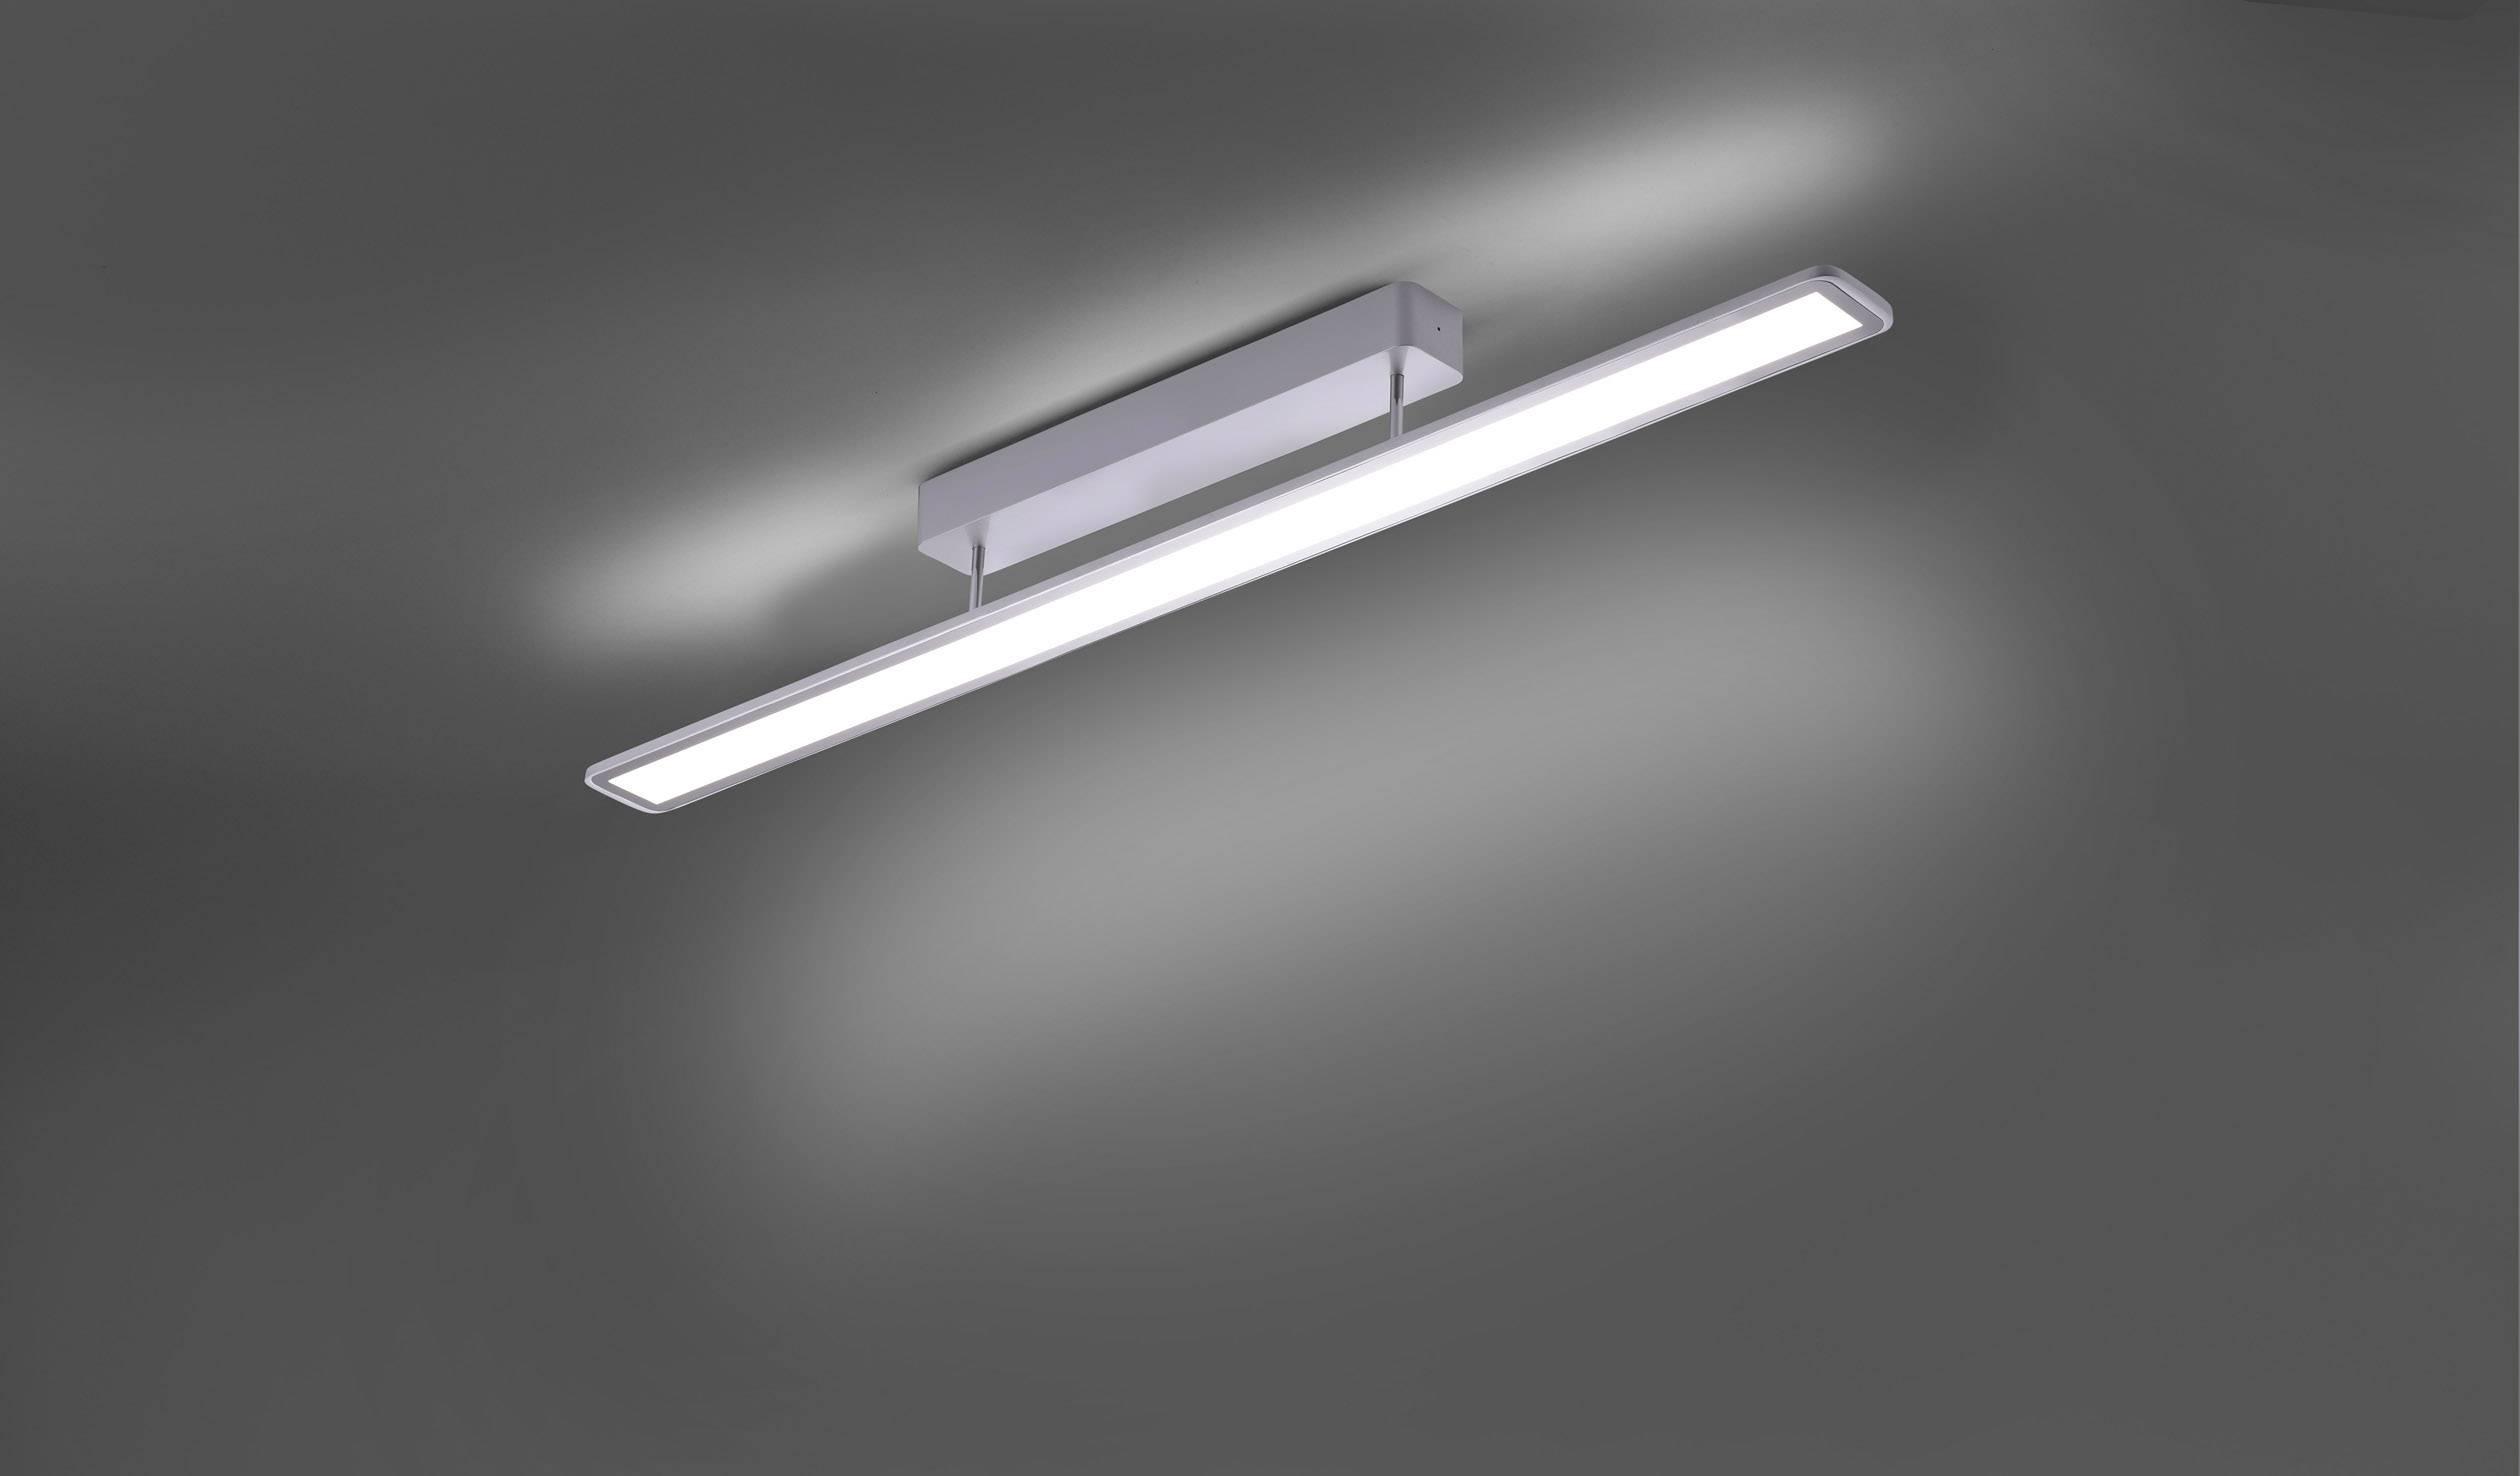 Plafoniere Paul Neuhauser : Lampe paul neuhaus nemann vechta räume flur diele lampen leuchten